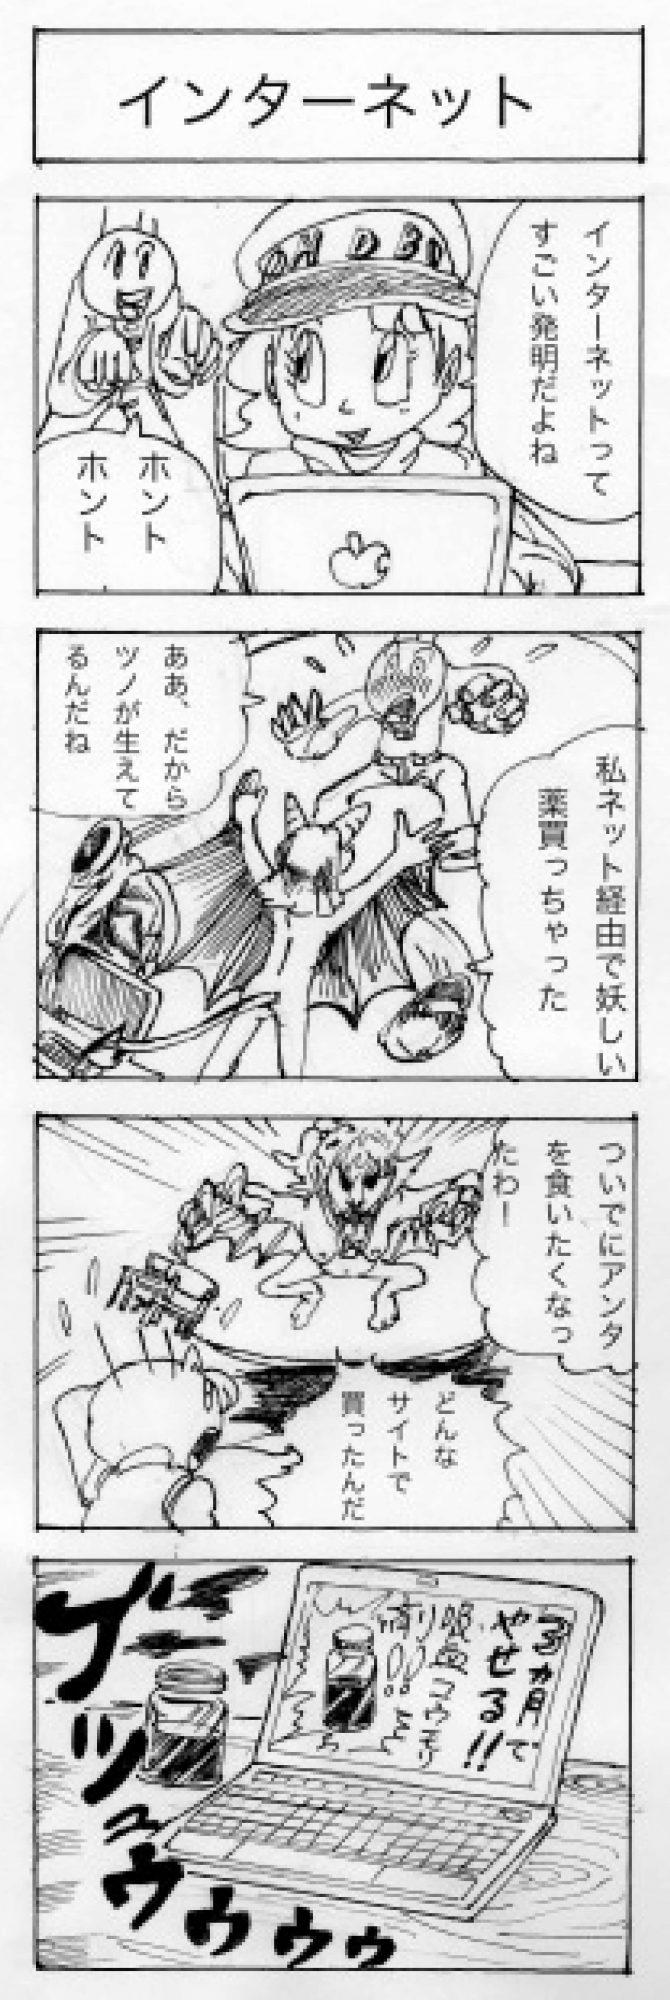 四コマ漫画劇場005